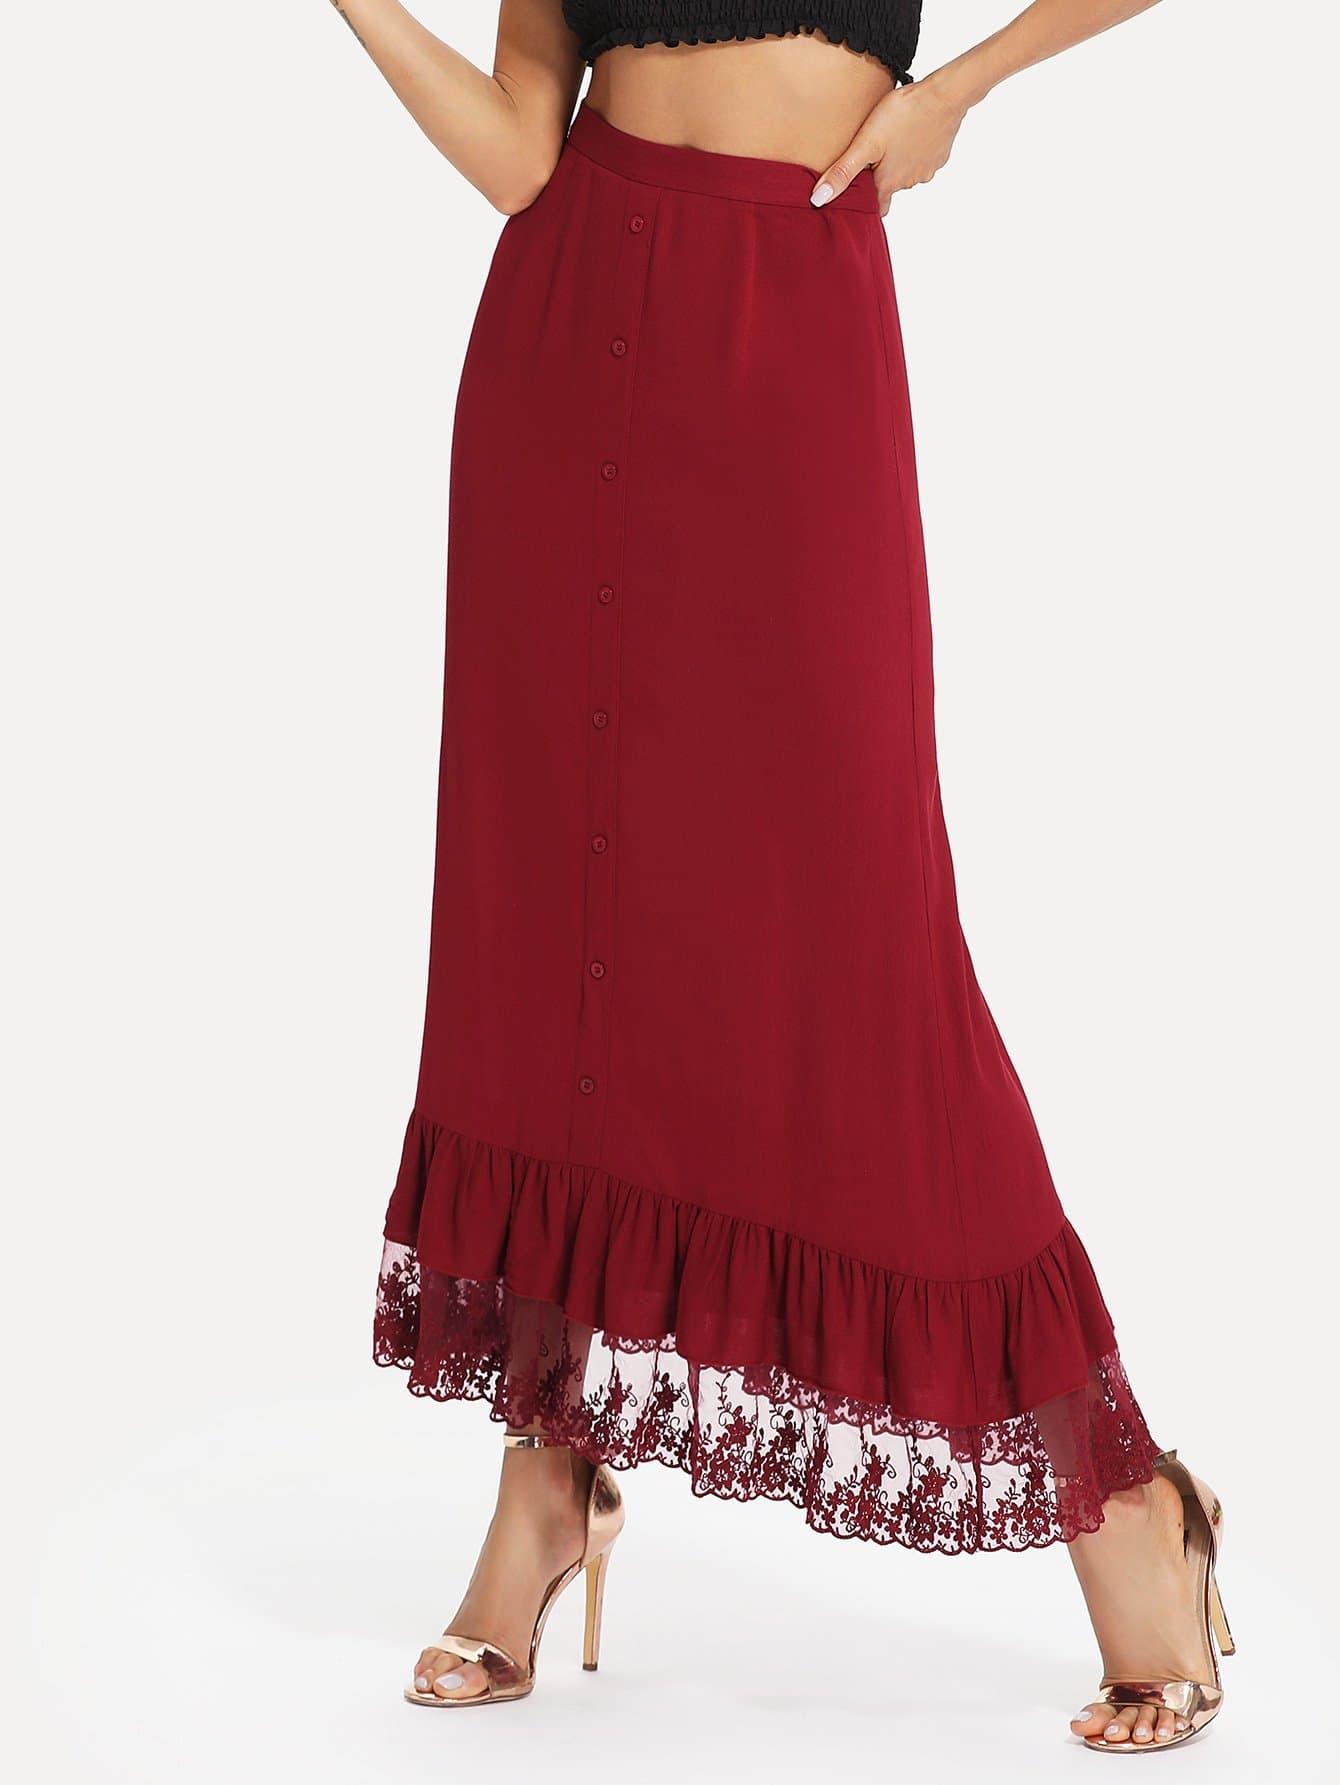 Ruffle and Lace Hem Button Detail Skirt ruffle hem lace skirt